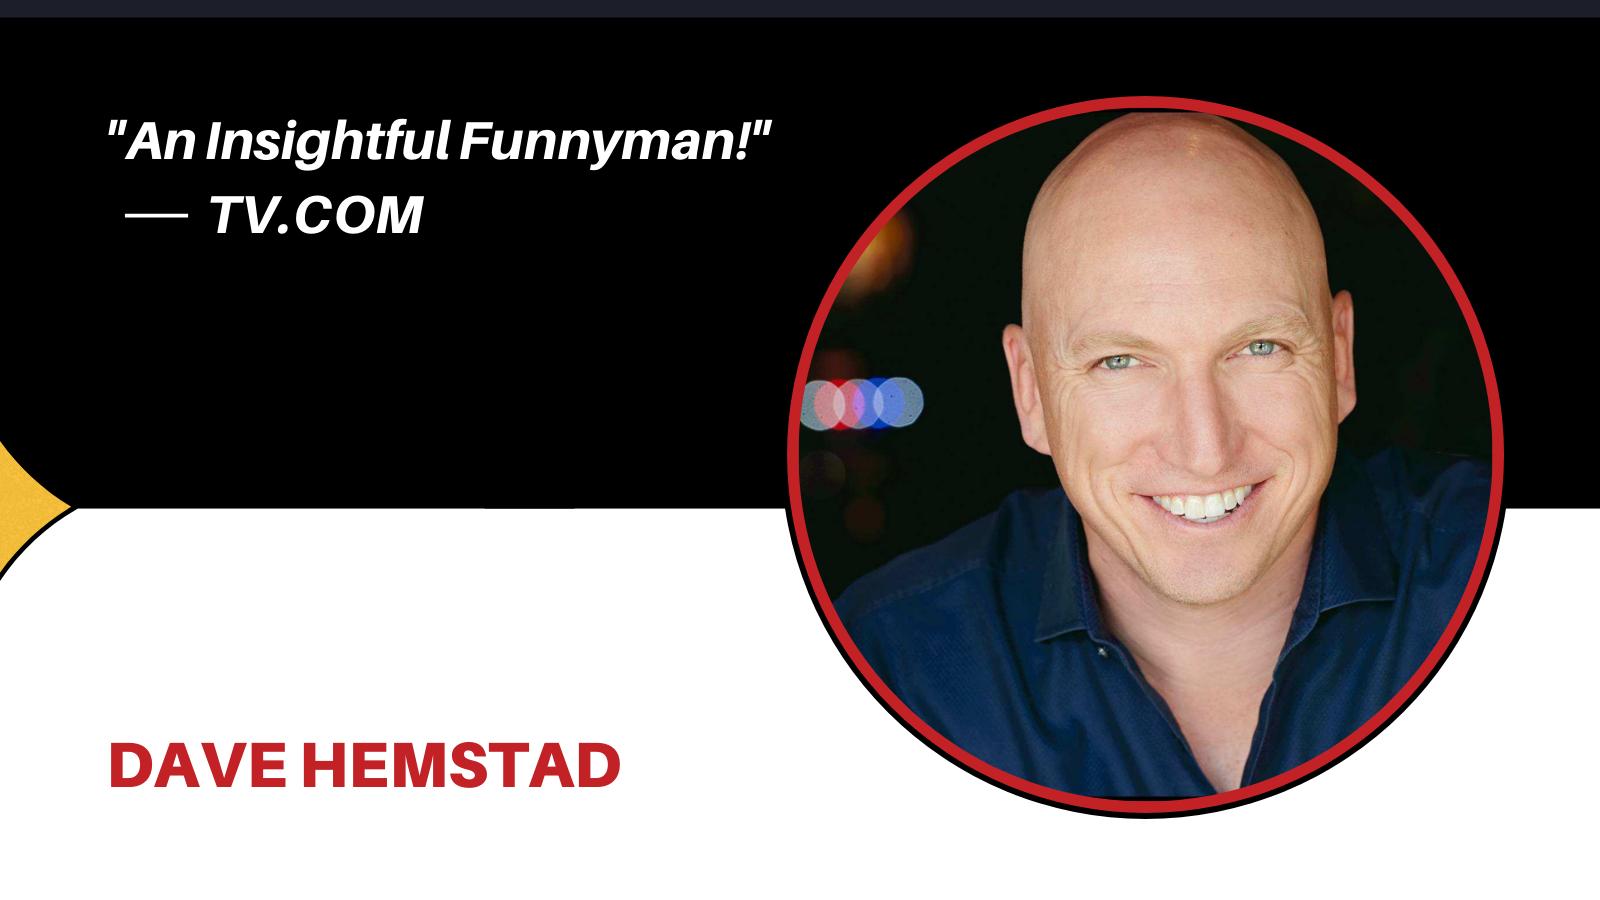 comedian Dave Hemstad